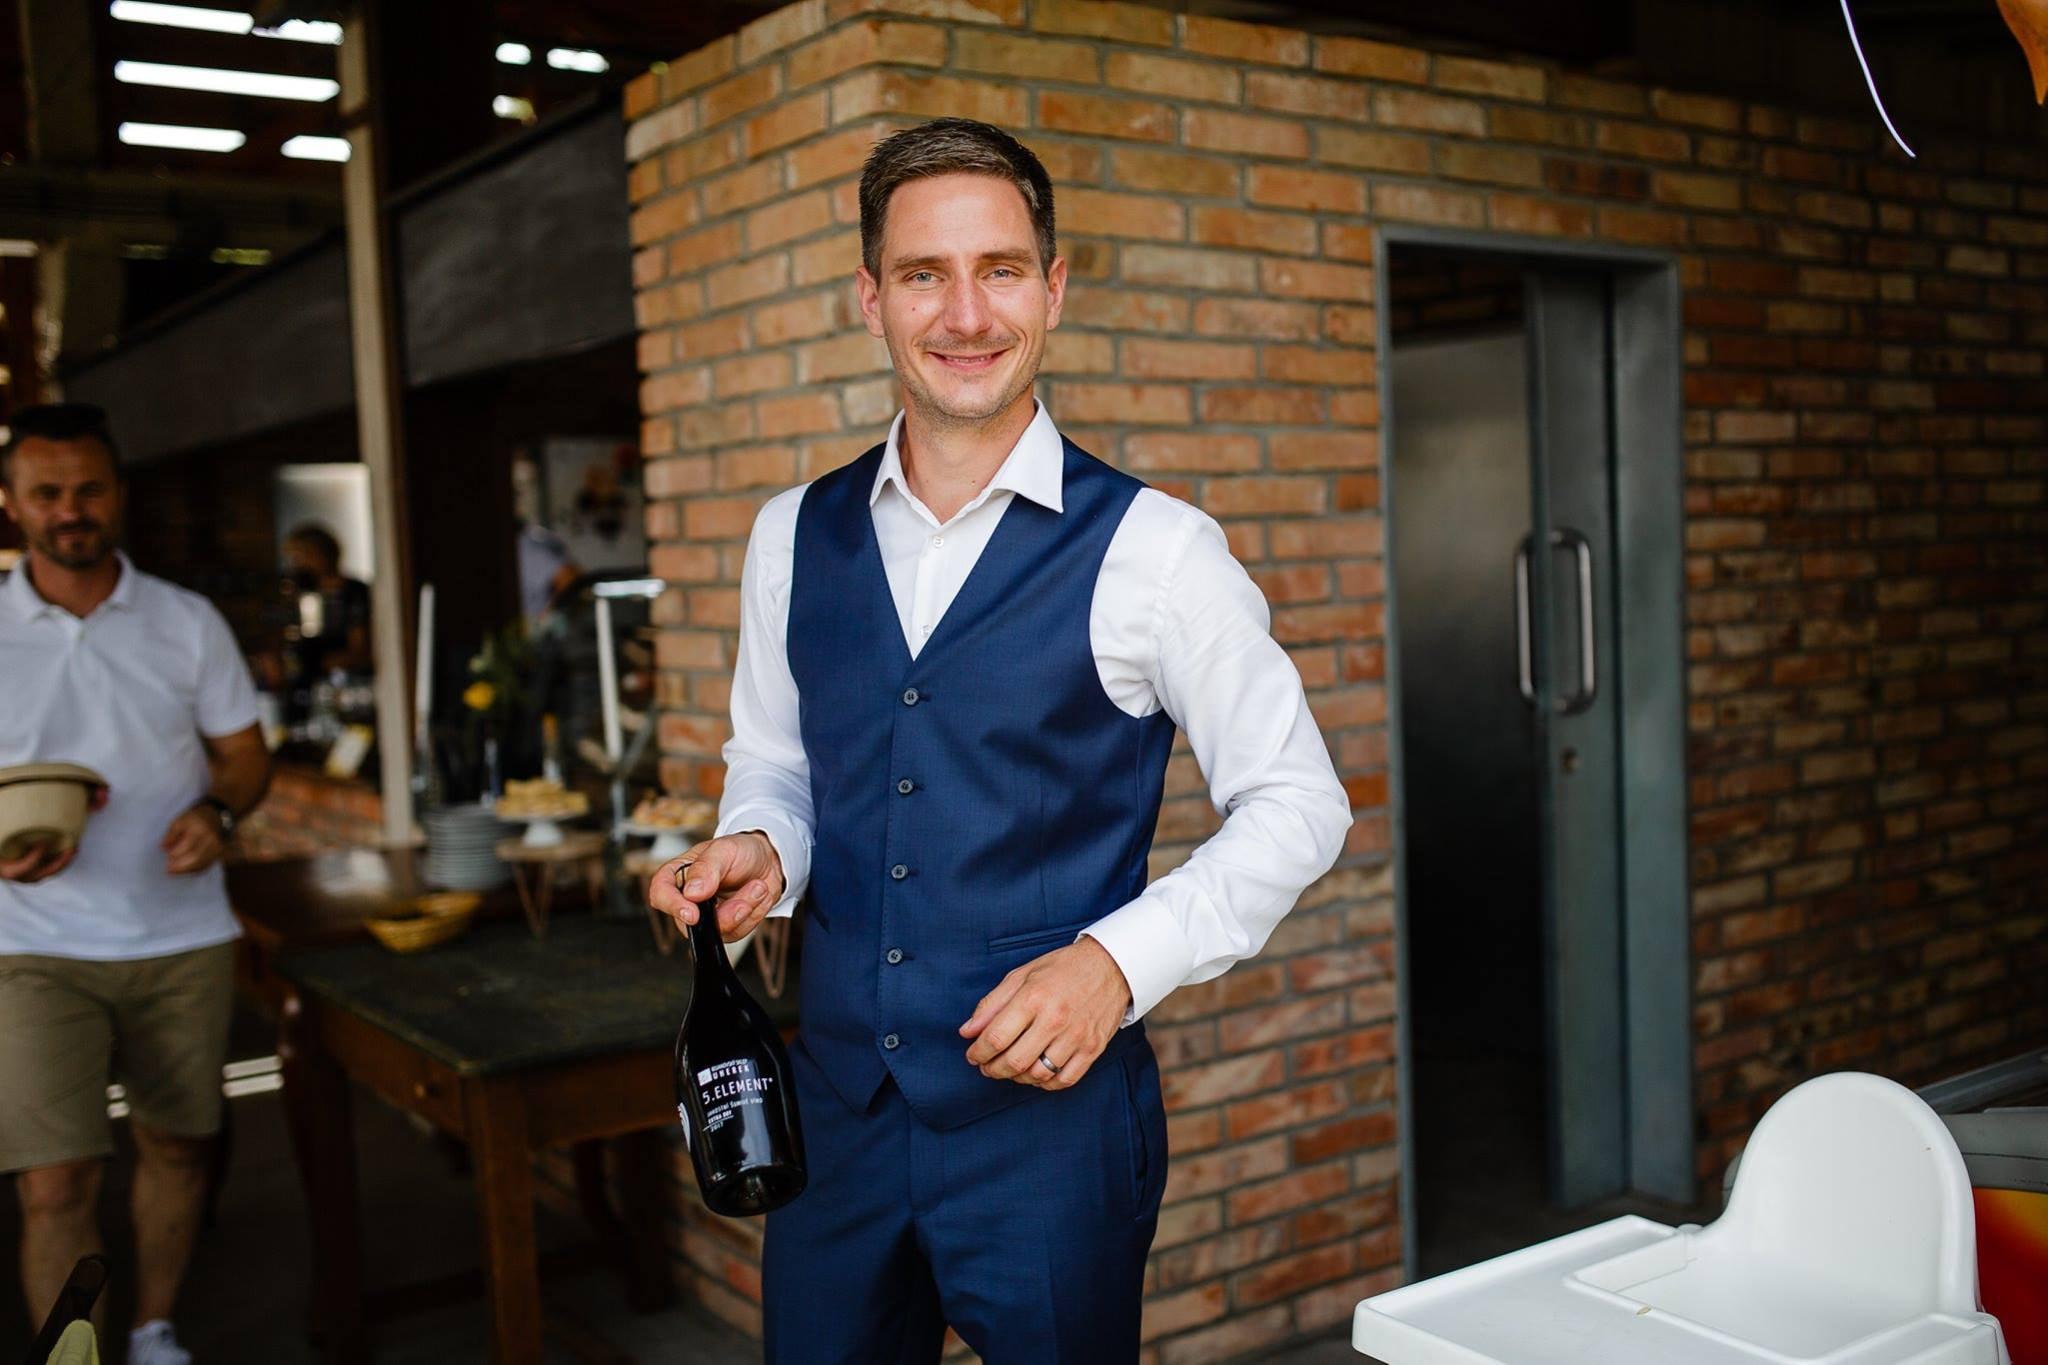 Vinař Jiří Uherek představuje svá vína